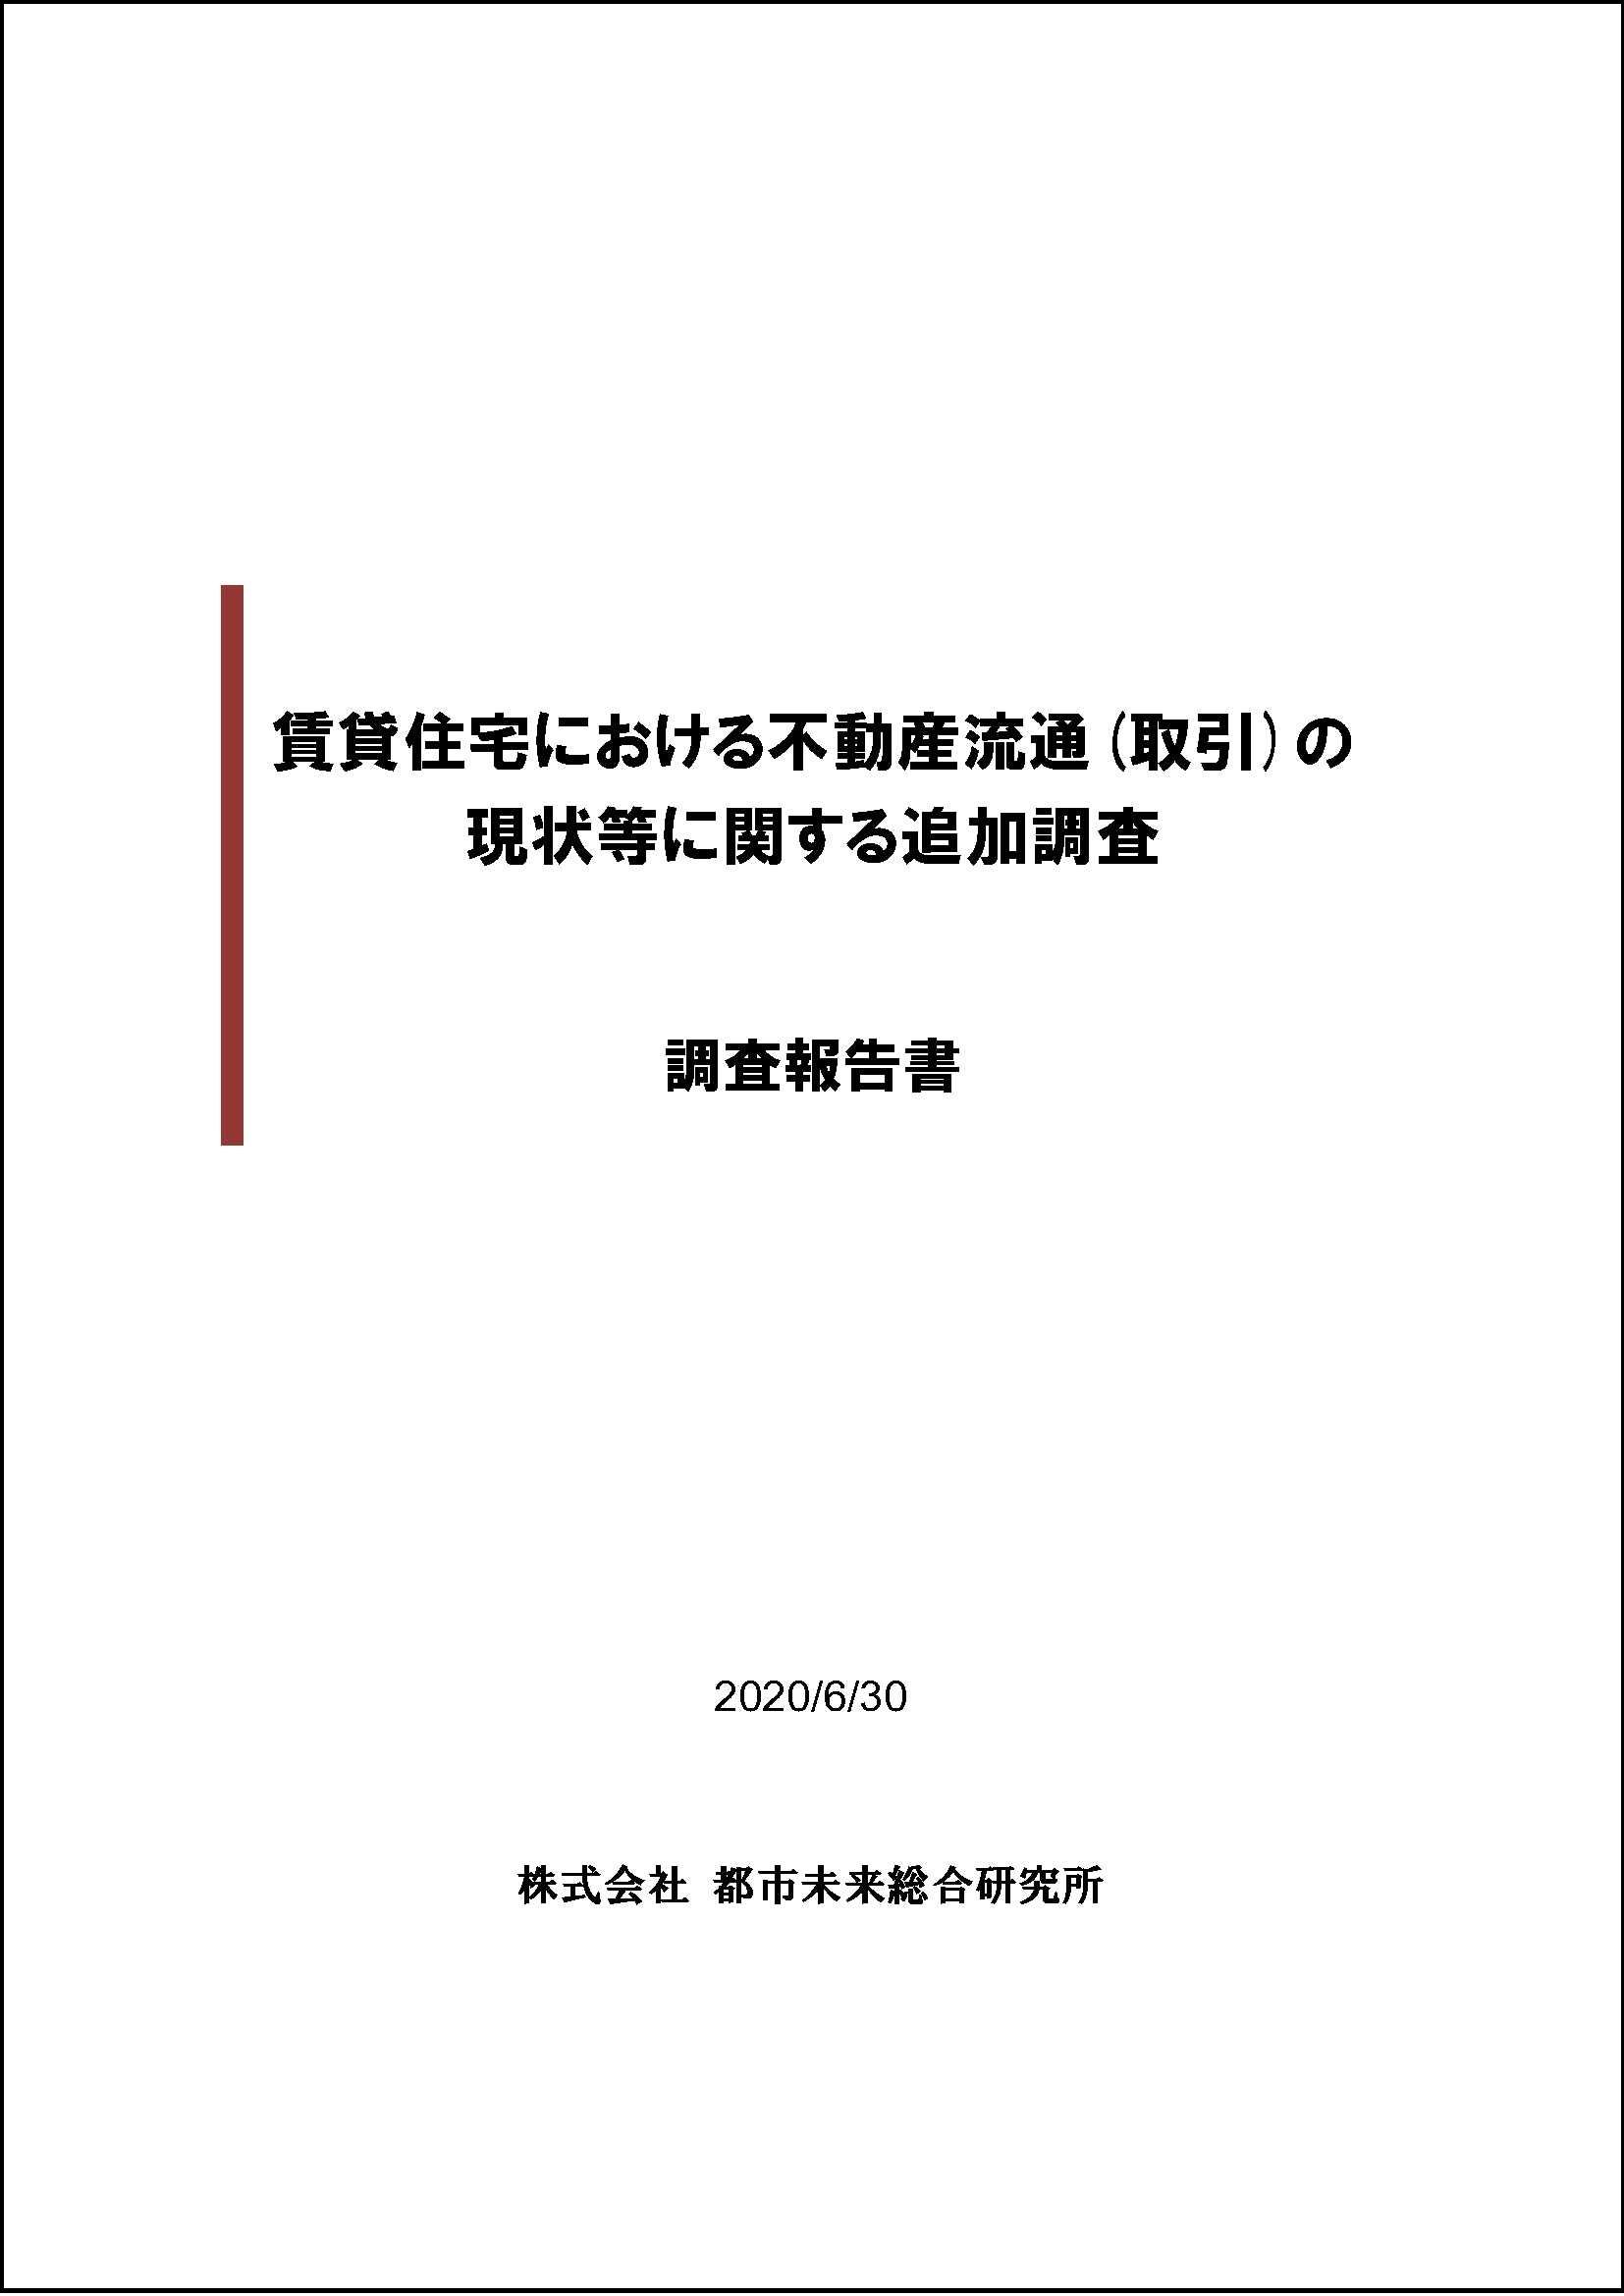 令和2年度「賃貸住宅における不動産流通の現状等に関する追加調査」